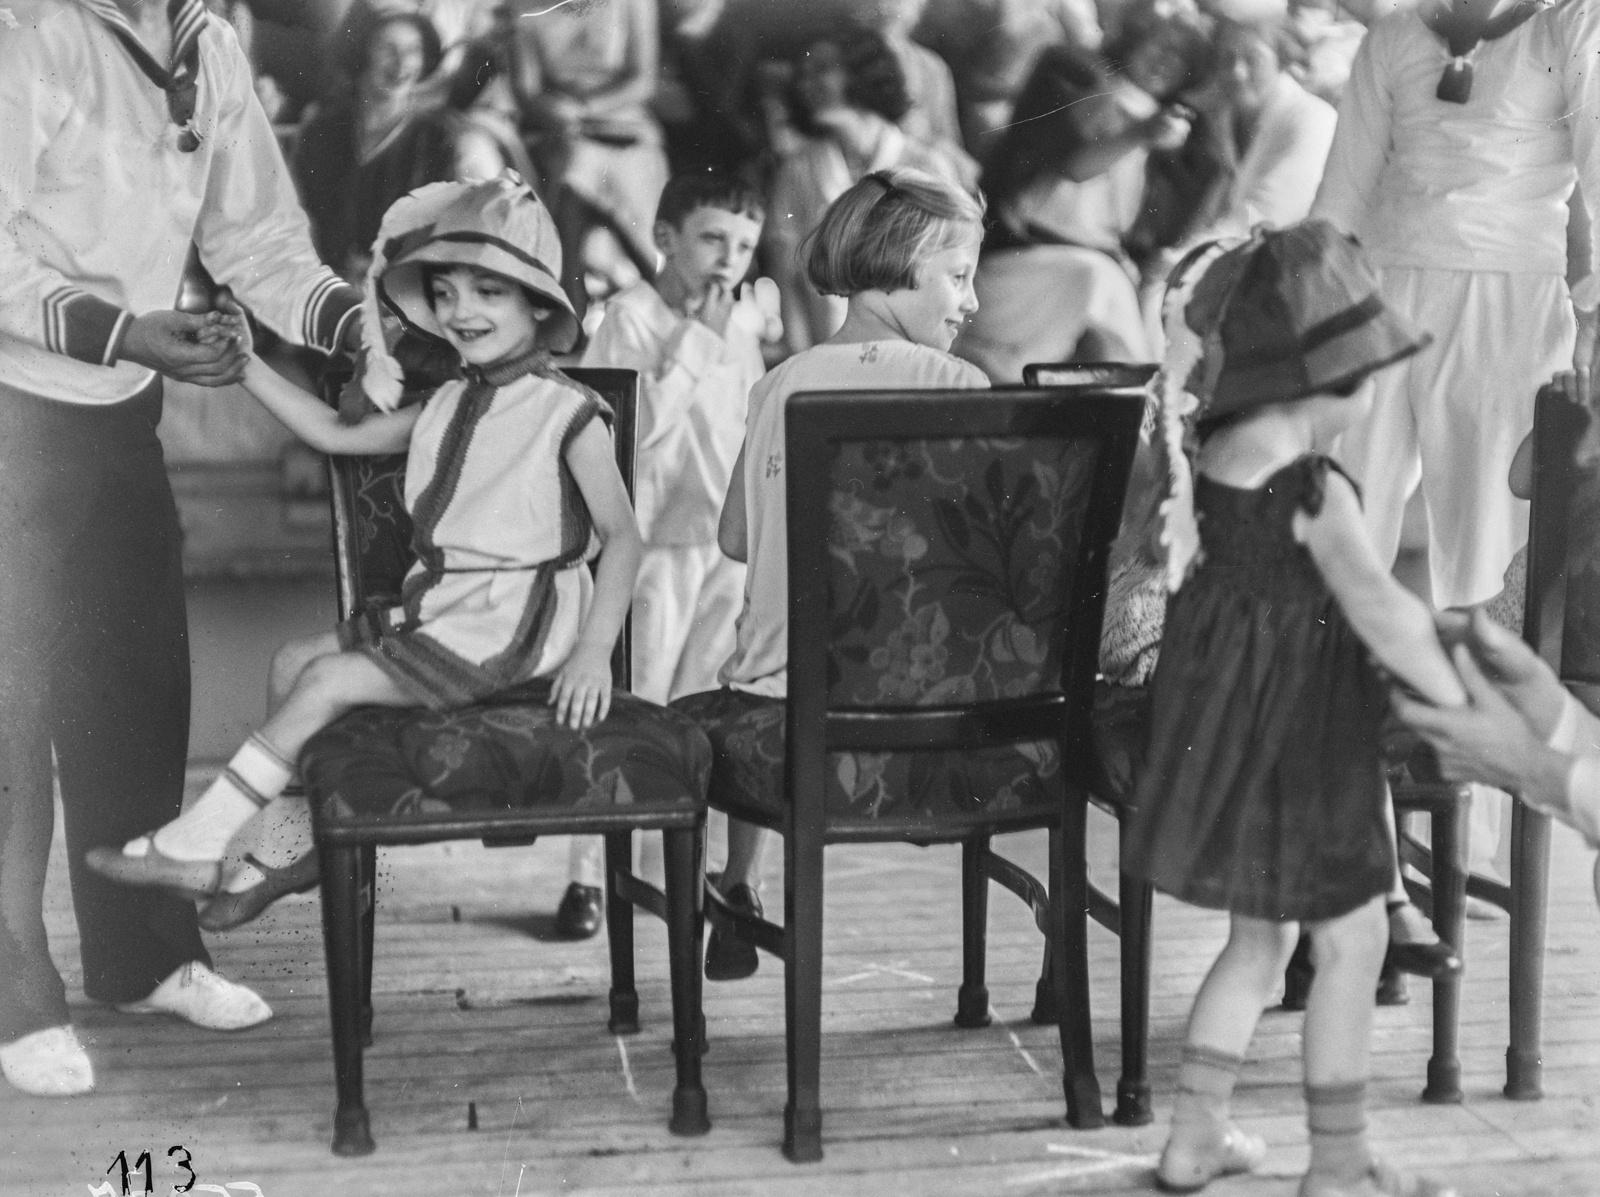 Детский праздник на палубе парохода «Усамбара». Дети играют в игру «Путешествие в Иерусалим»